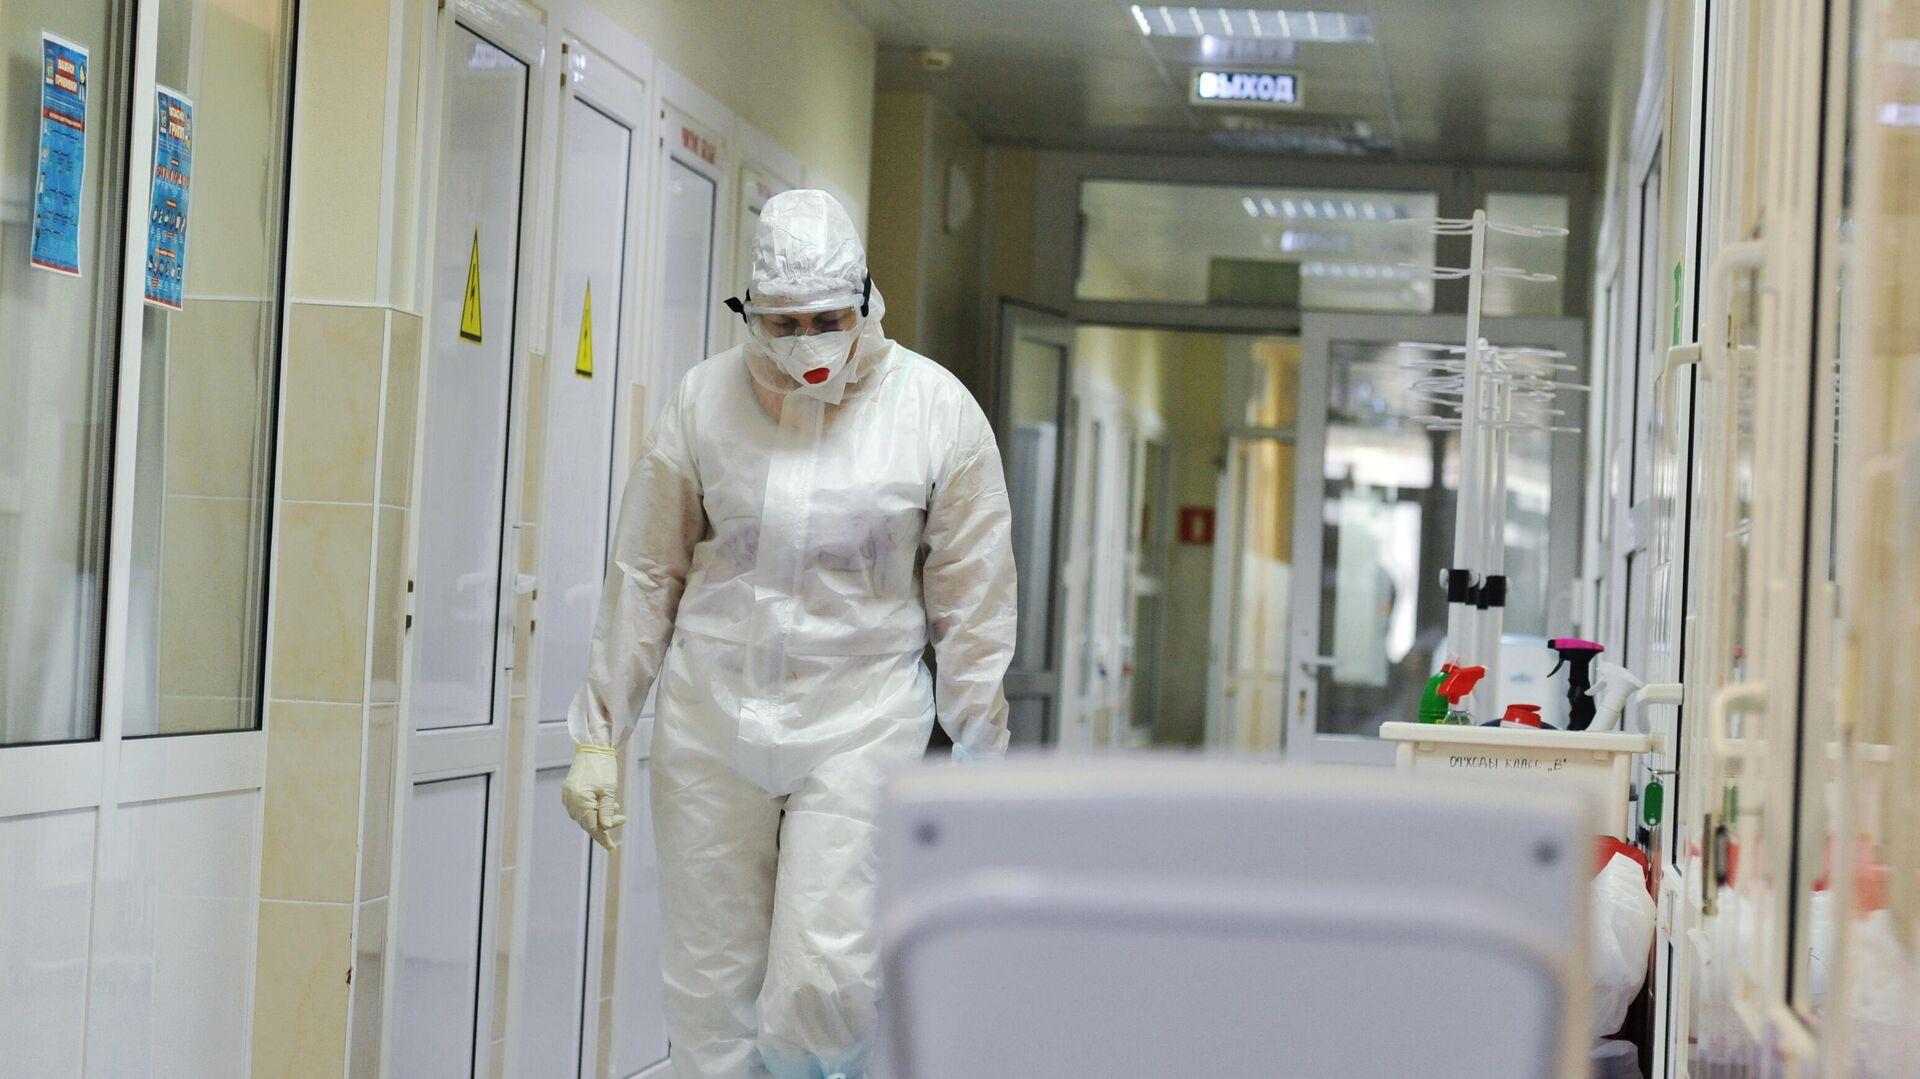 Медик идет по коридору госпиталя для лечения больных Covid-19 в Краснодаре - РИА Новости, 1920, 16.08.2021